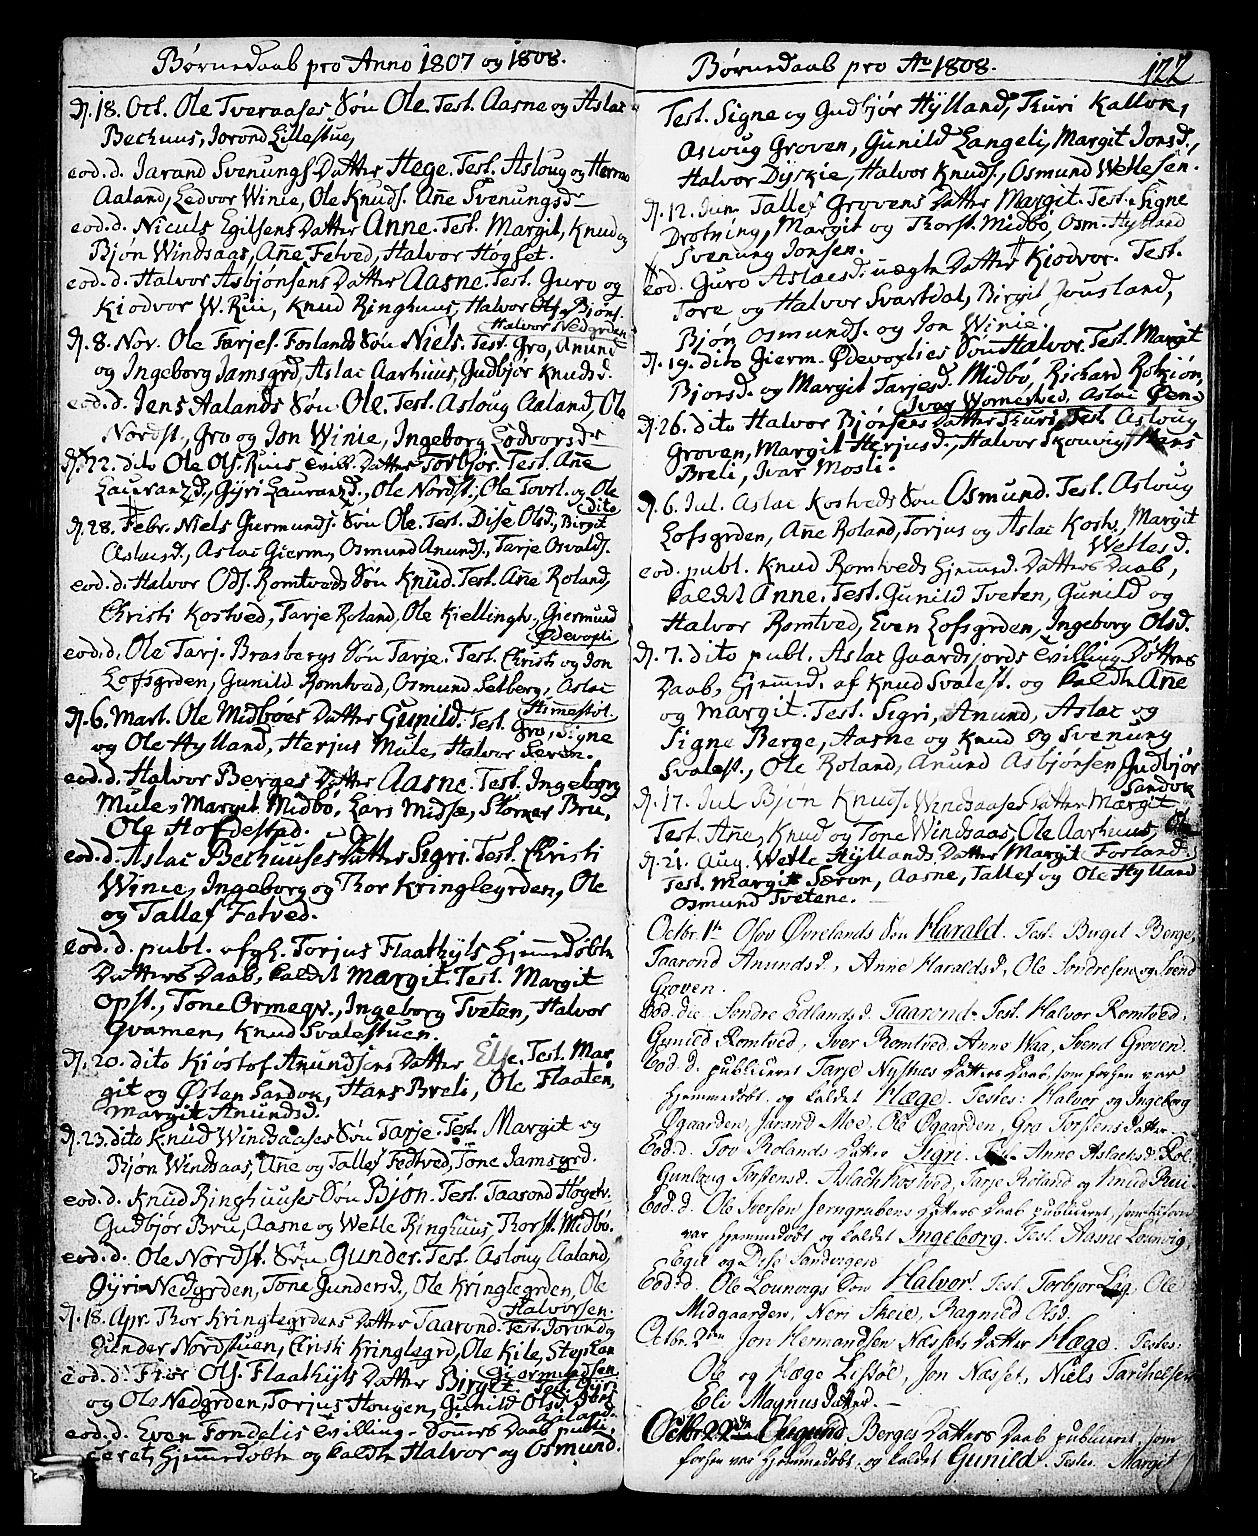 SAKO, Vinje kirkebøker, F/Fa/L0002: Ministerialbok nr. I 2, 1767-1814, s. 122